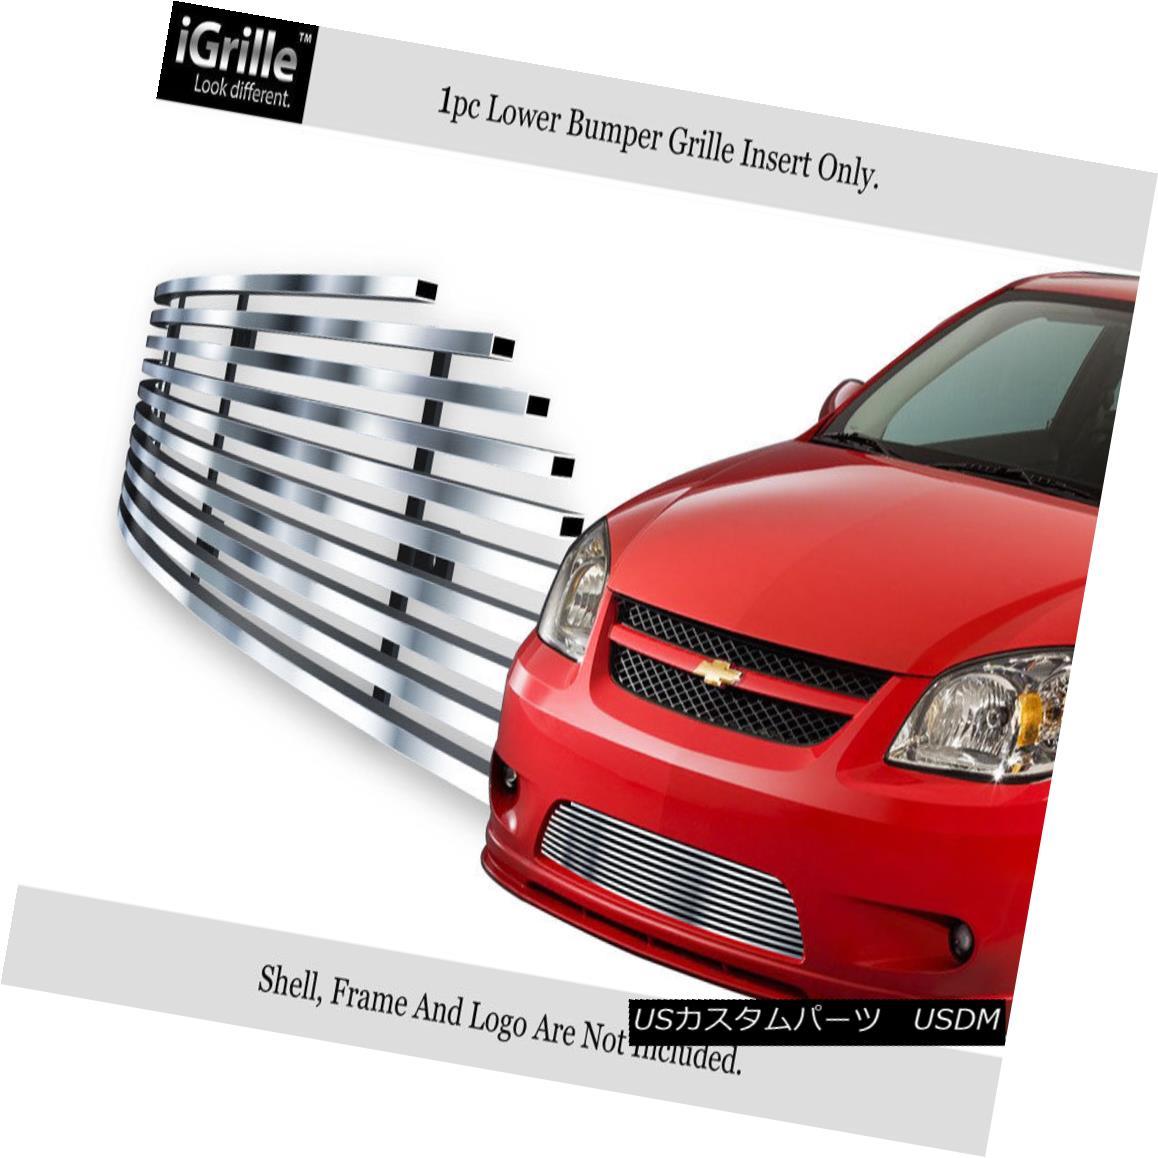 グリル Fits 05-10 Chevy Cobalt SS/Sport Bumper Stainless Steel Billet Grille Insert フィット05-10チェビーコバルトSS /スポーツバンパーステンレス鋼ビレットグリルインサート